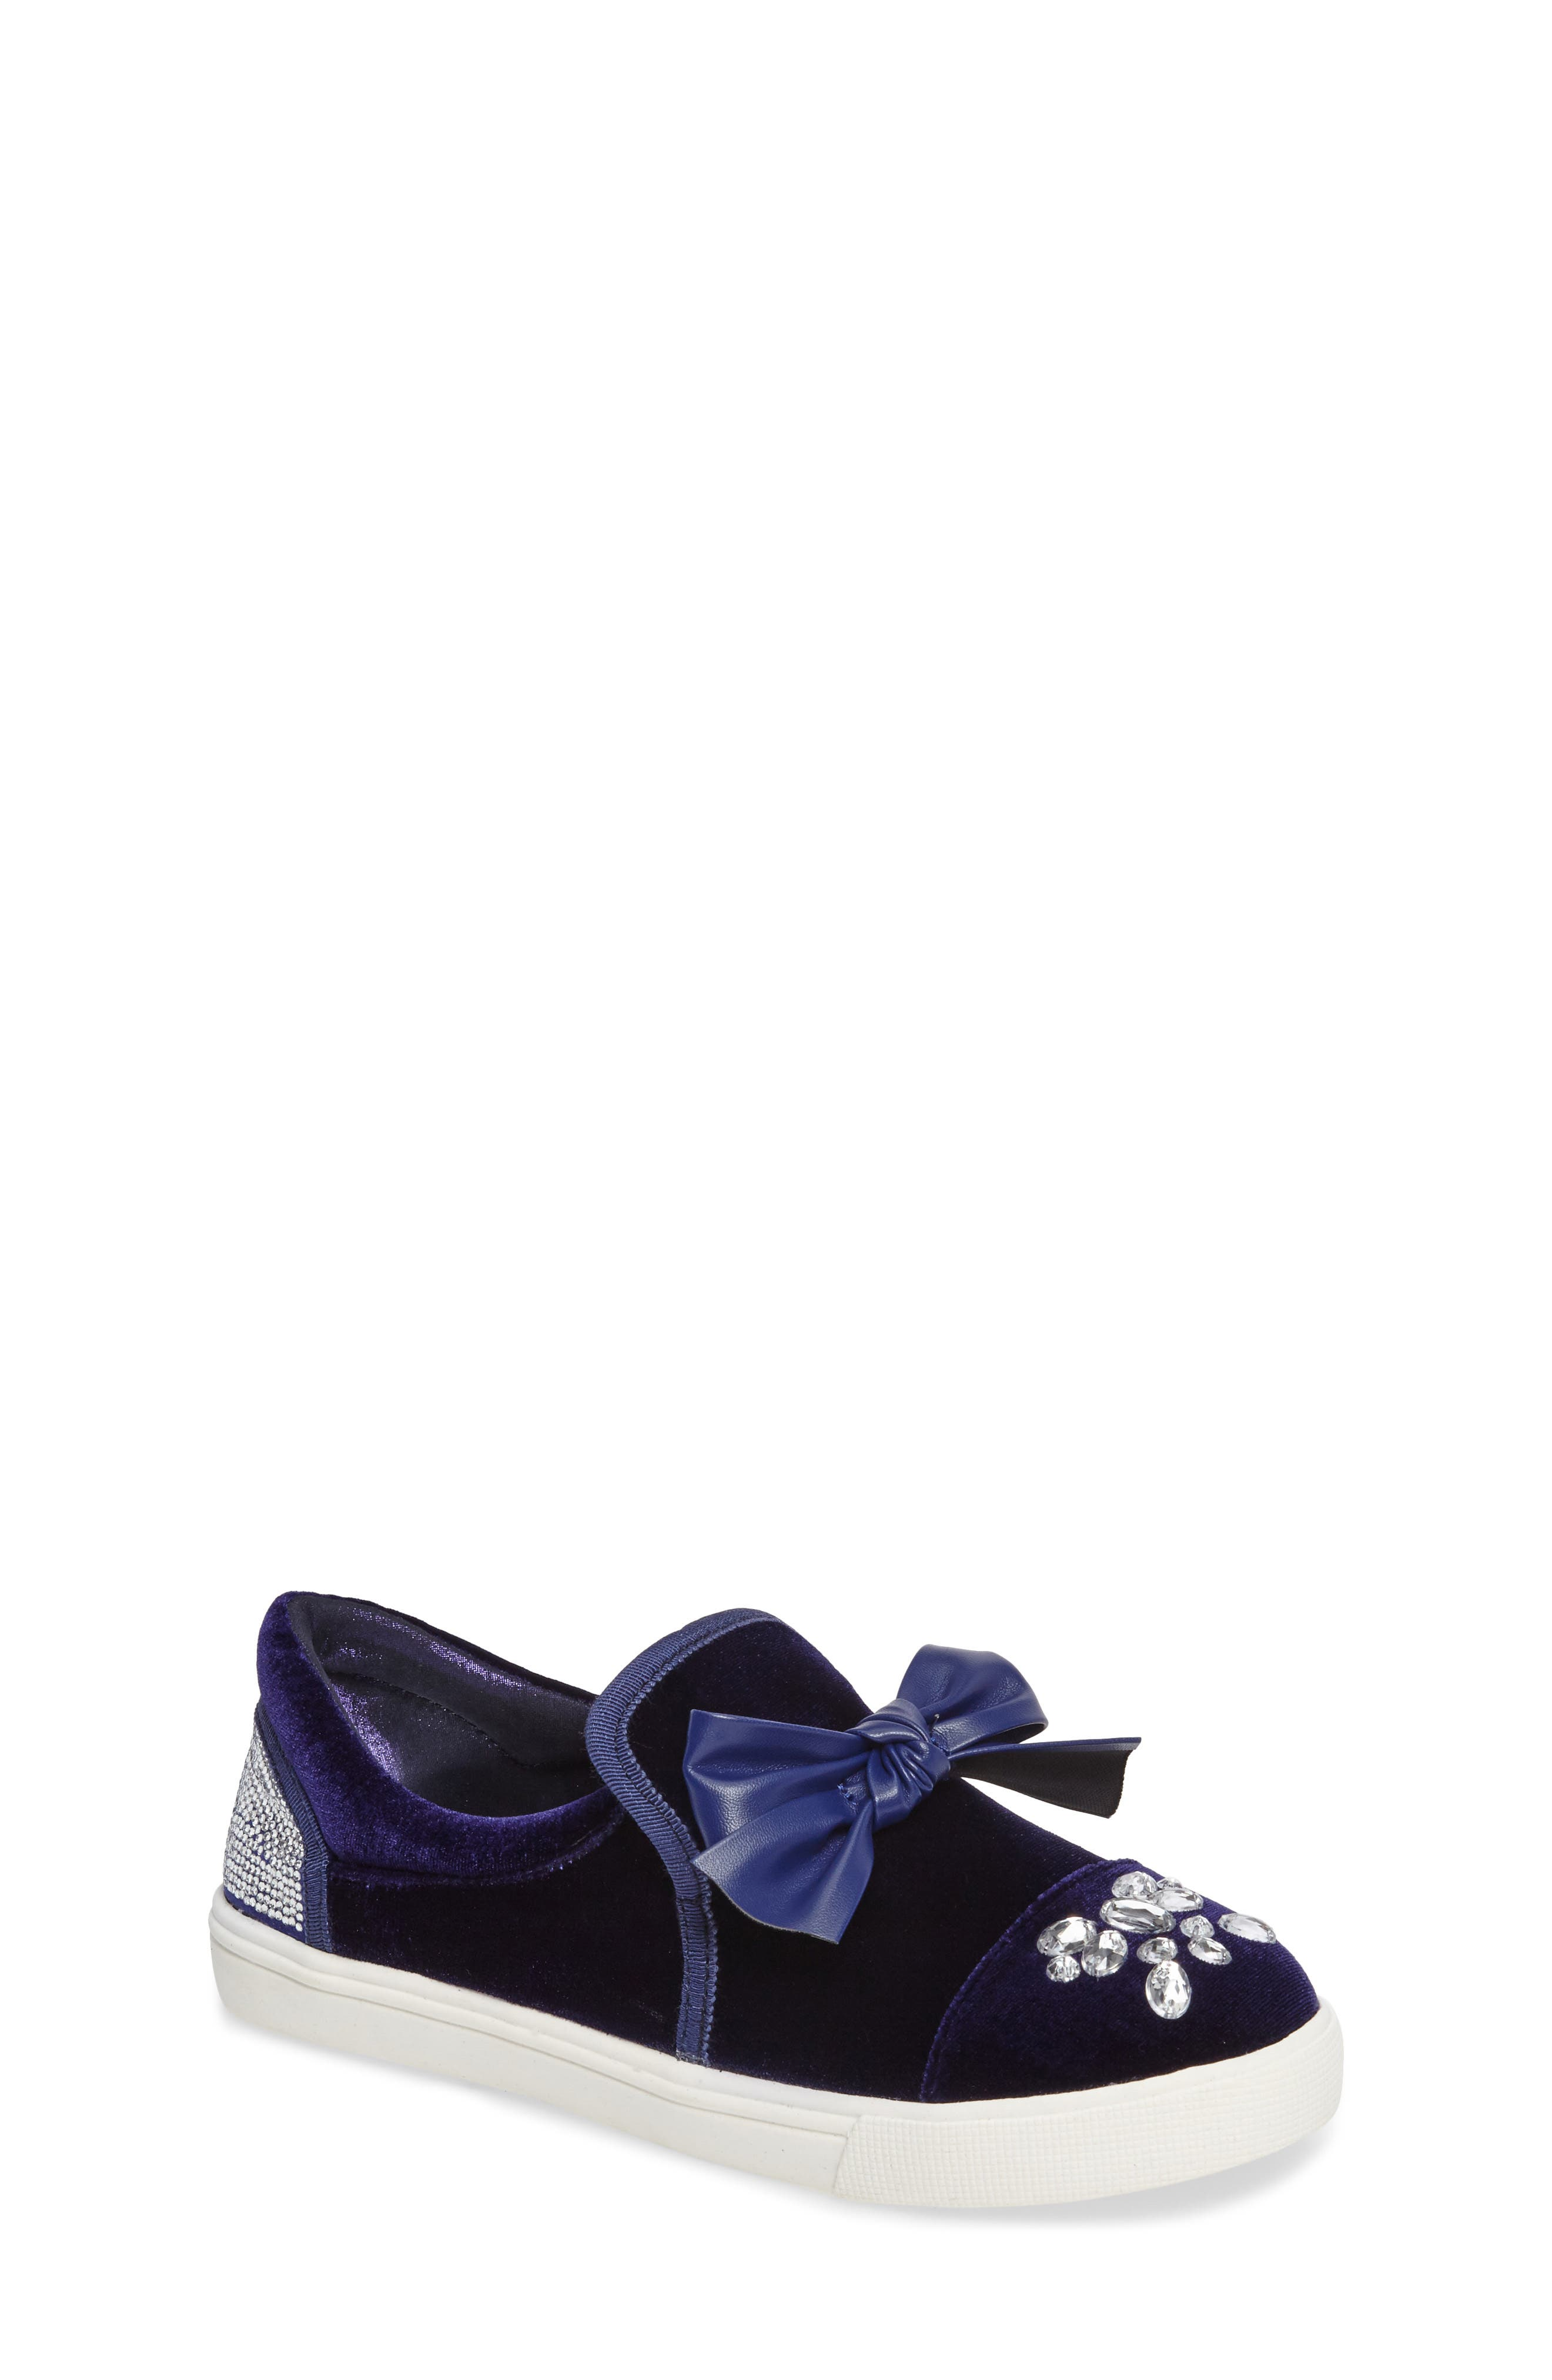 Delight Embellished Slip-On Sneaker,                         Main,                         color, 410